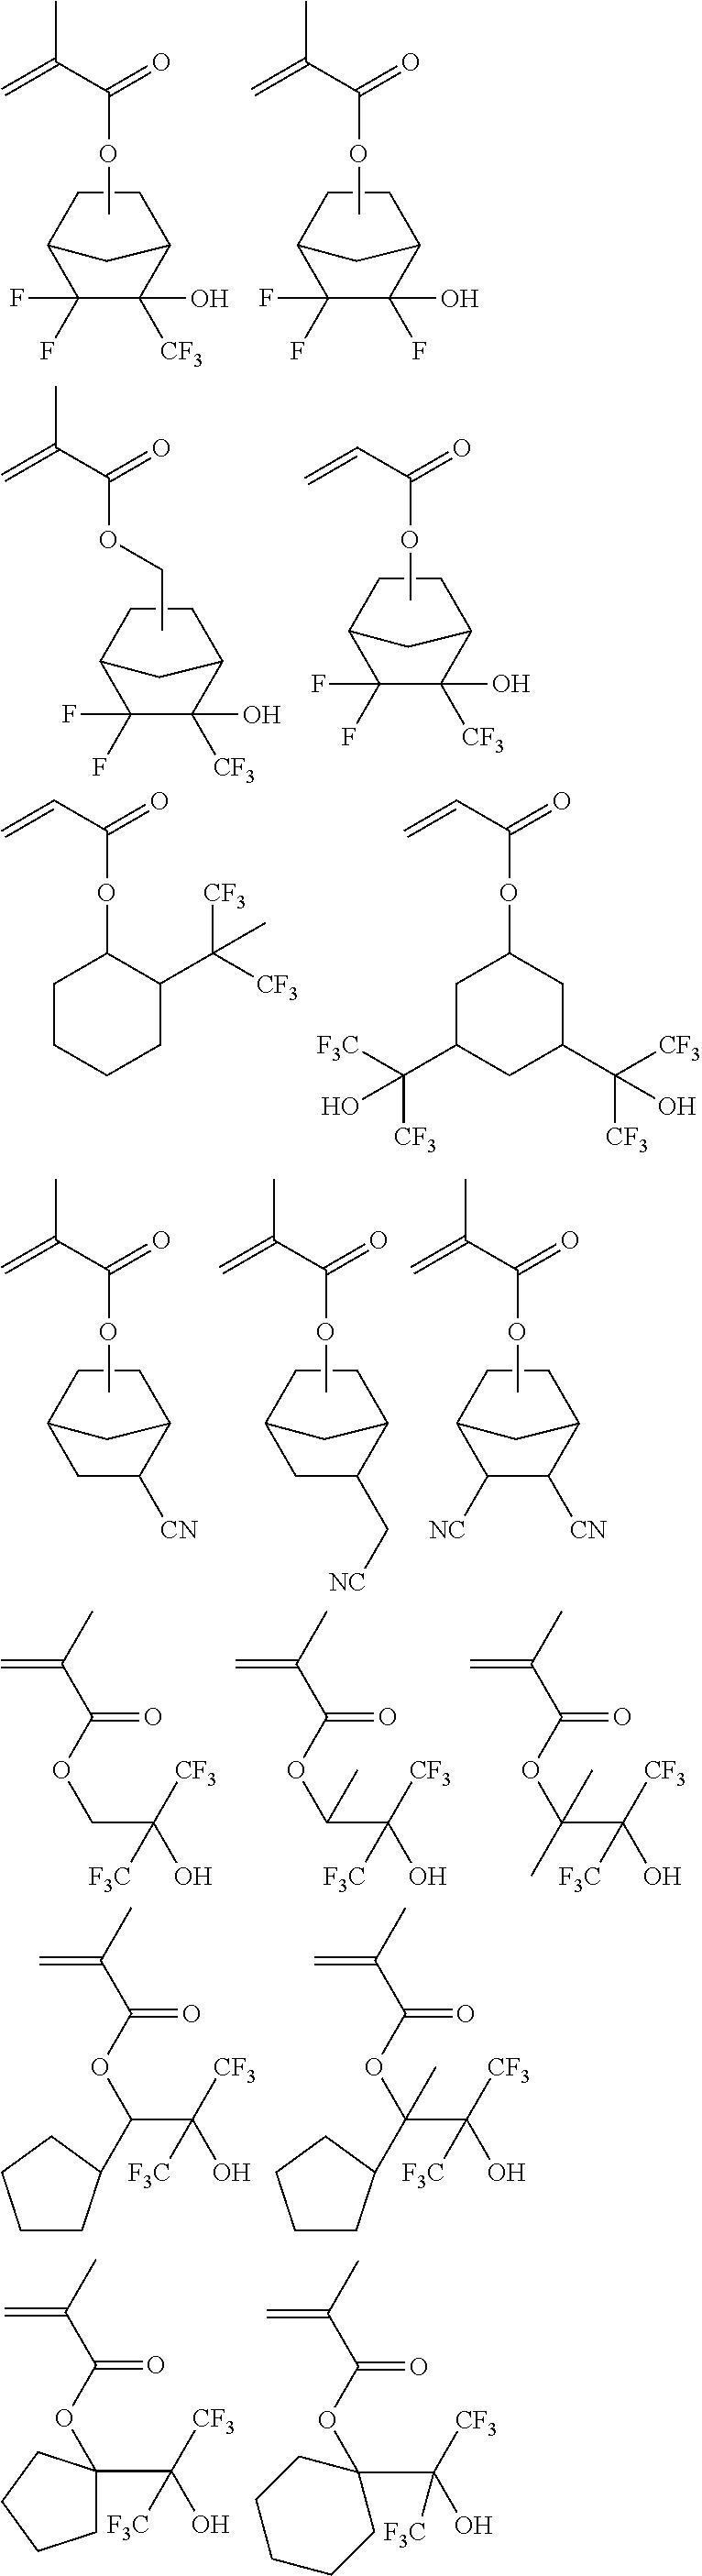 Figure US20110294070A1-20111201-C00043